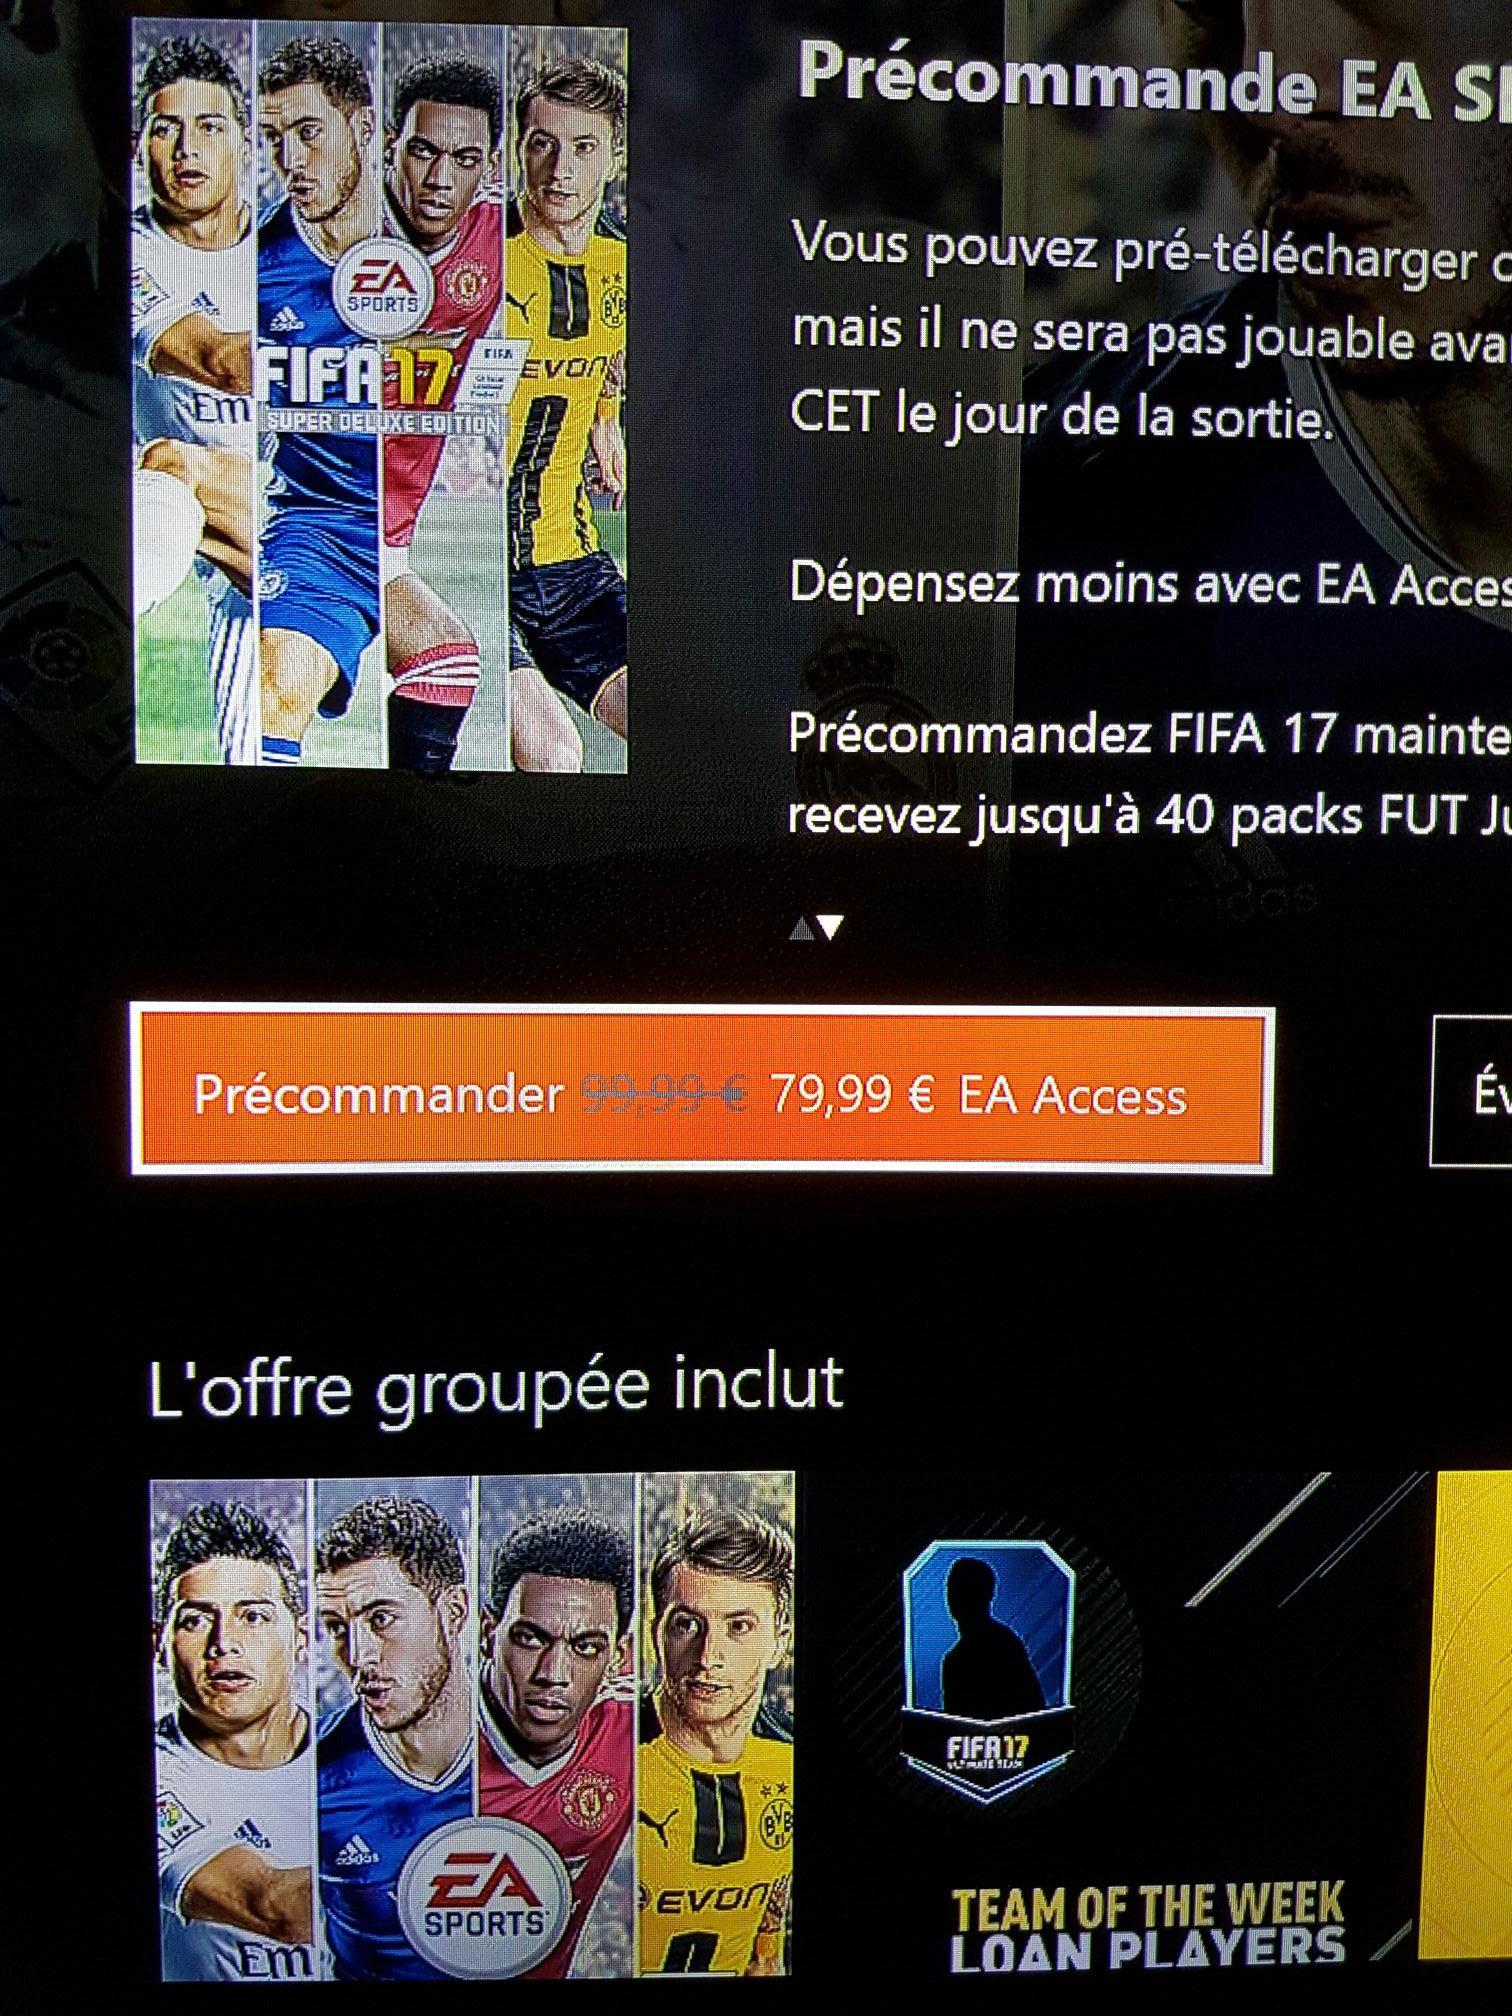 [En précommande sous conditions] FIFA 17 Edition Super Deluxe sur Xbox One (Dématérialisé)